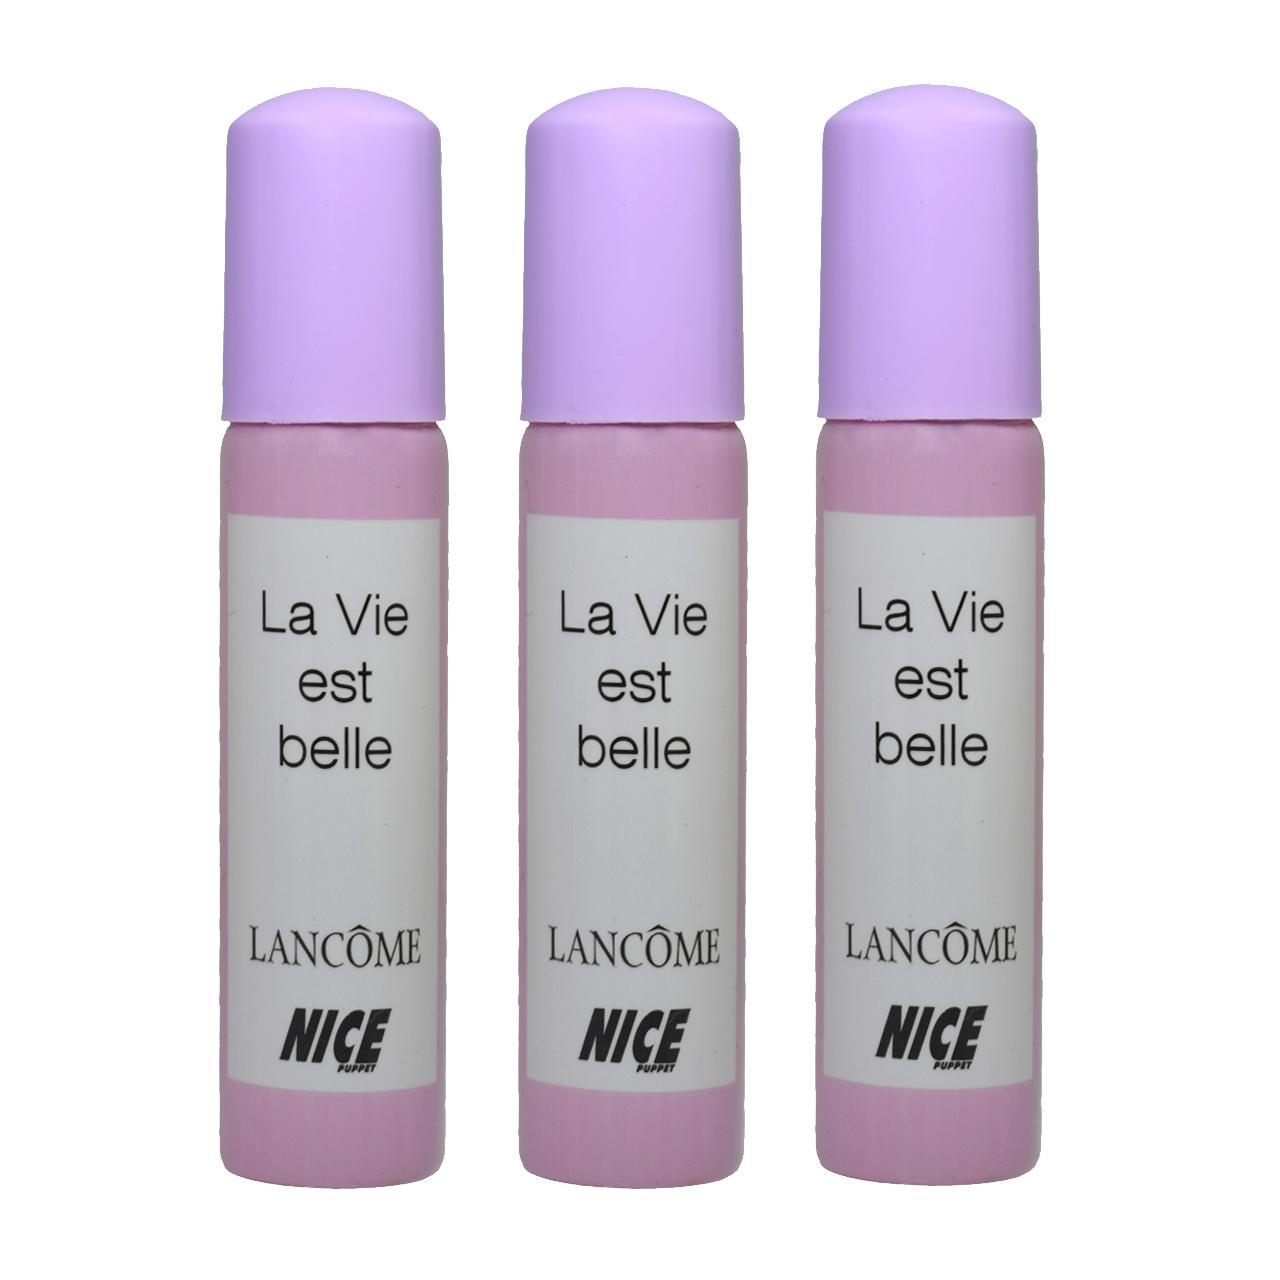 ادوکلن جیبی زنانه نایس پاپت مدل La vie est belle حجم 30 میلی لیتر مجموعه 3 عددی